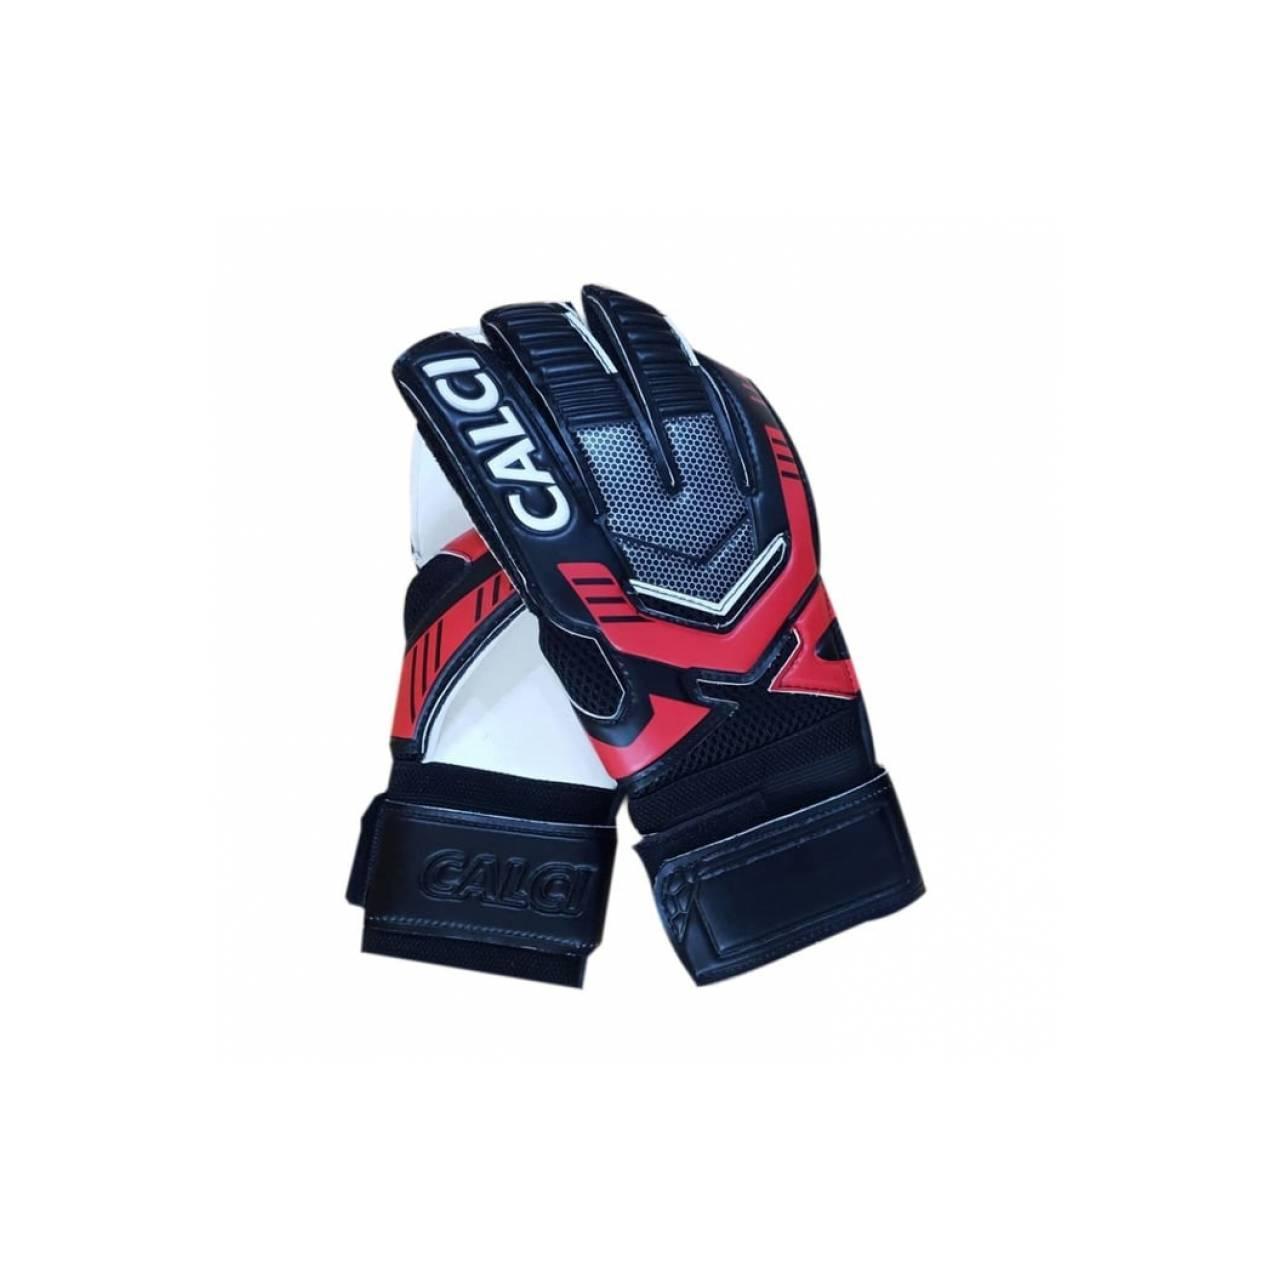 Jual Calci Sarung Tangan Kiper Barca GK Gloves - Black Red Murah